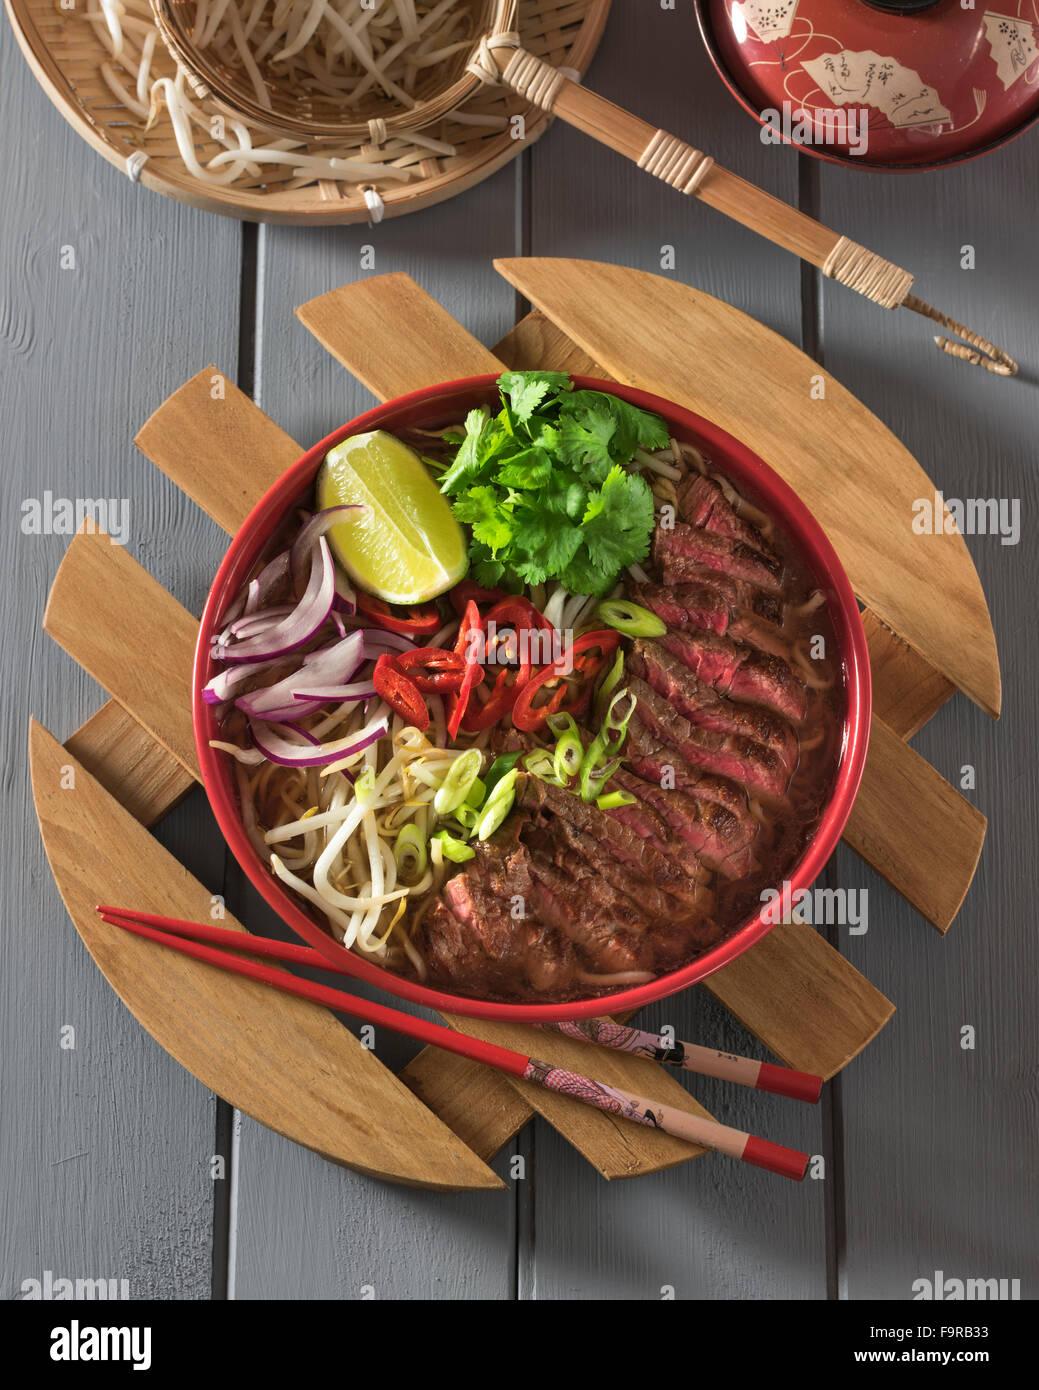 Ramen de carne de vacuno. Caldo de carne picante con carne de res y fideos. La comida japonesa Imagen De Stock